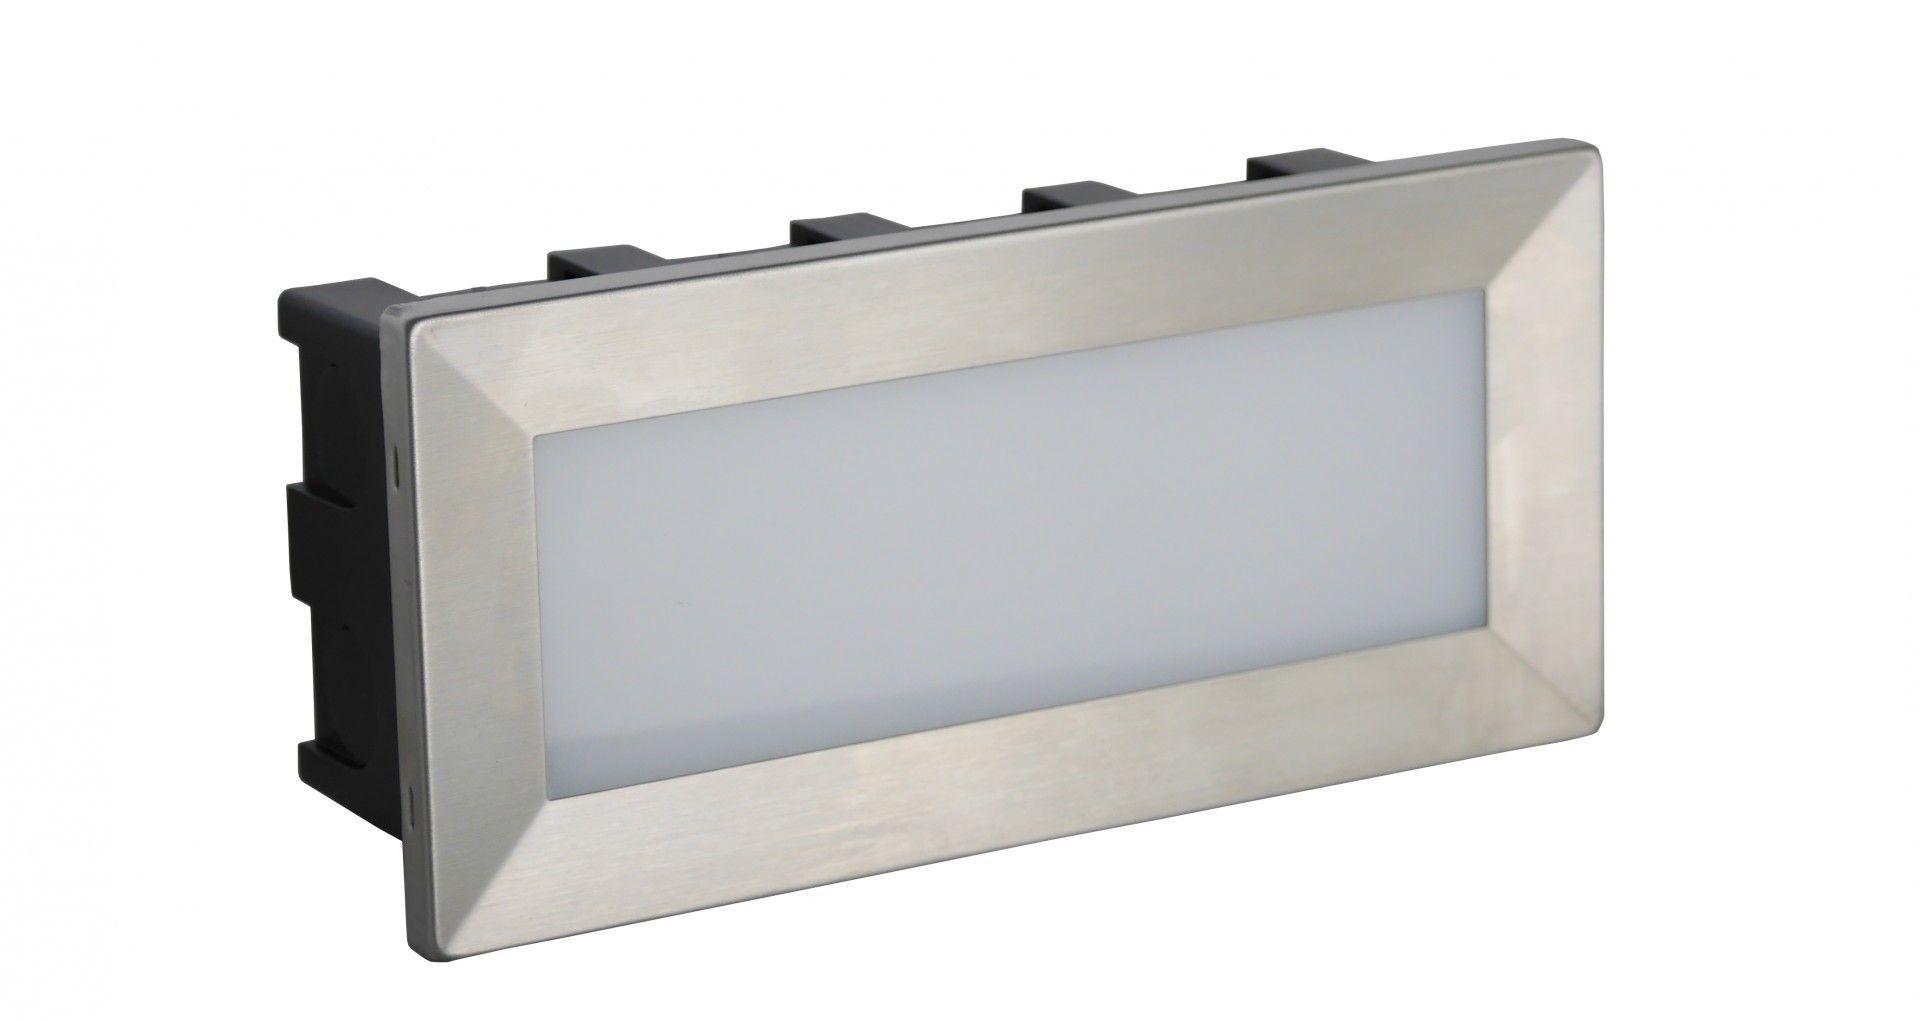 SU-MA Mur Led Inox C 04 oprawa do wbudowania LED 3,5W 3000K IP65